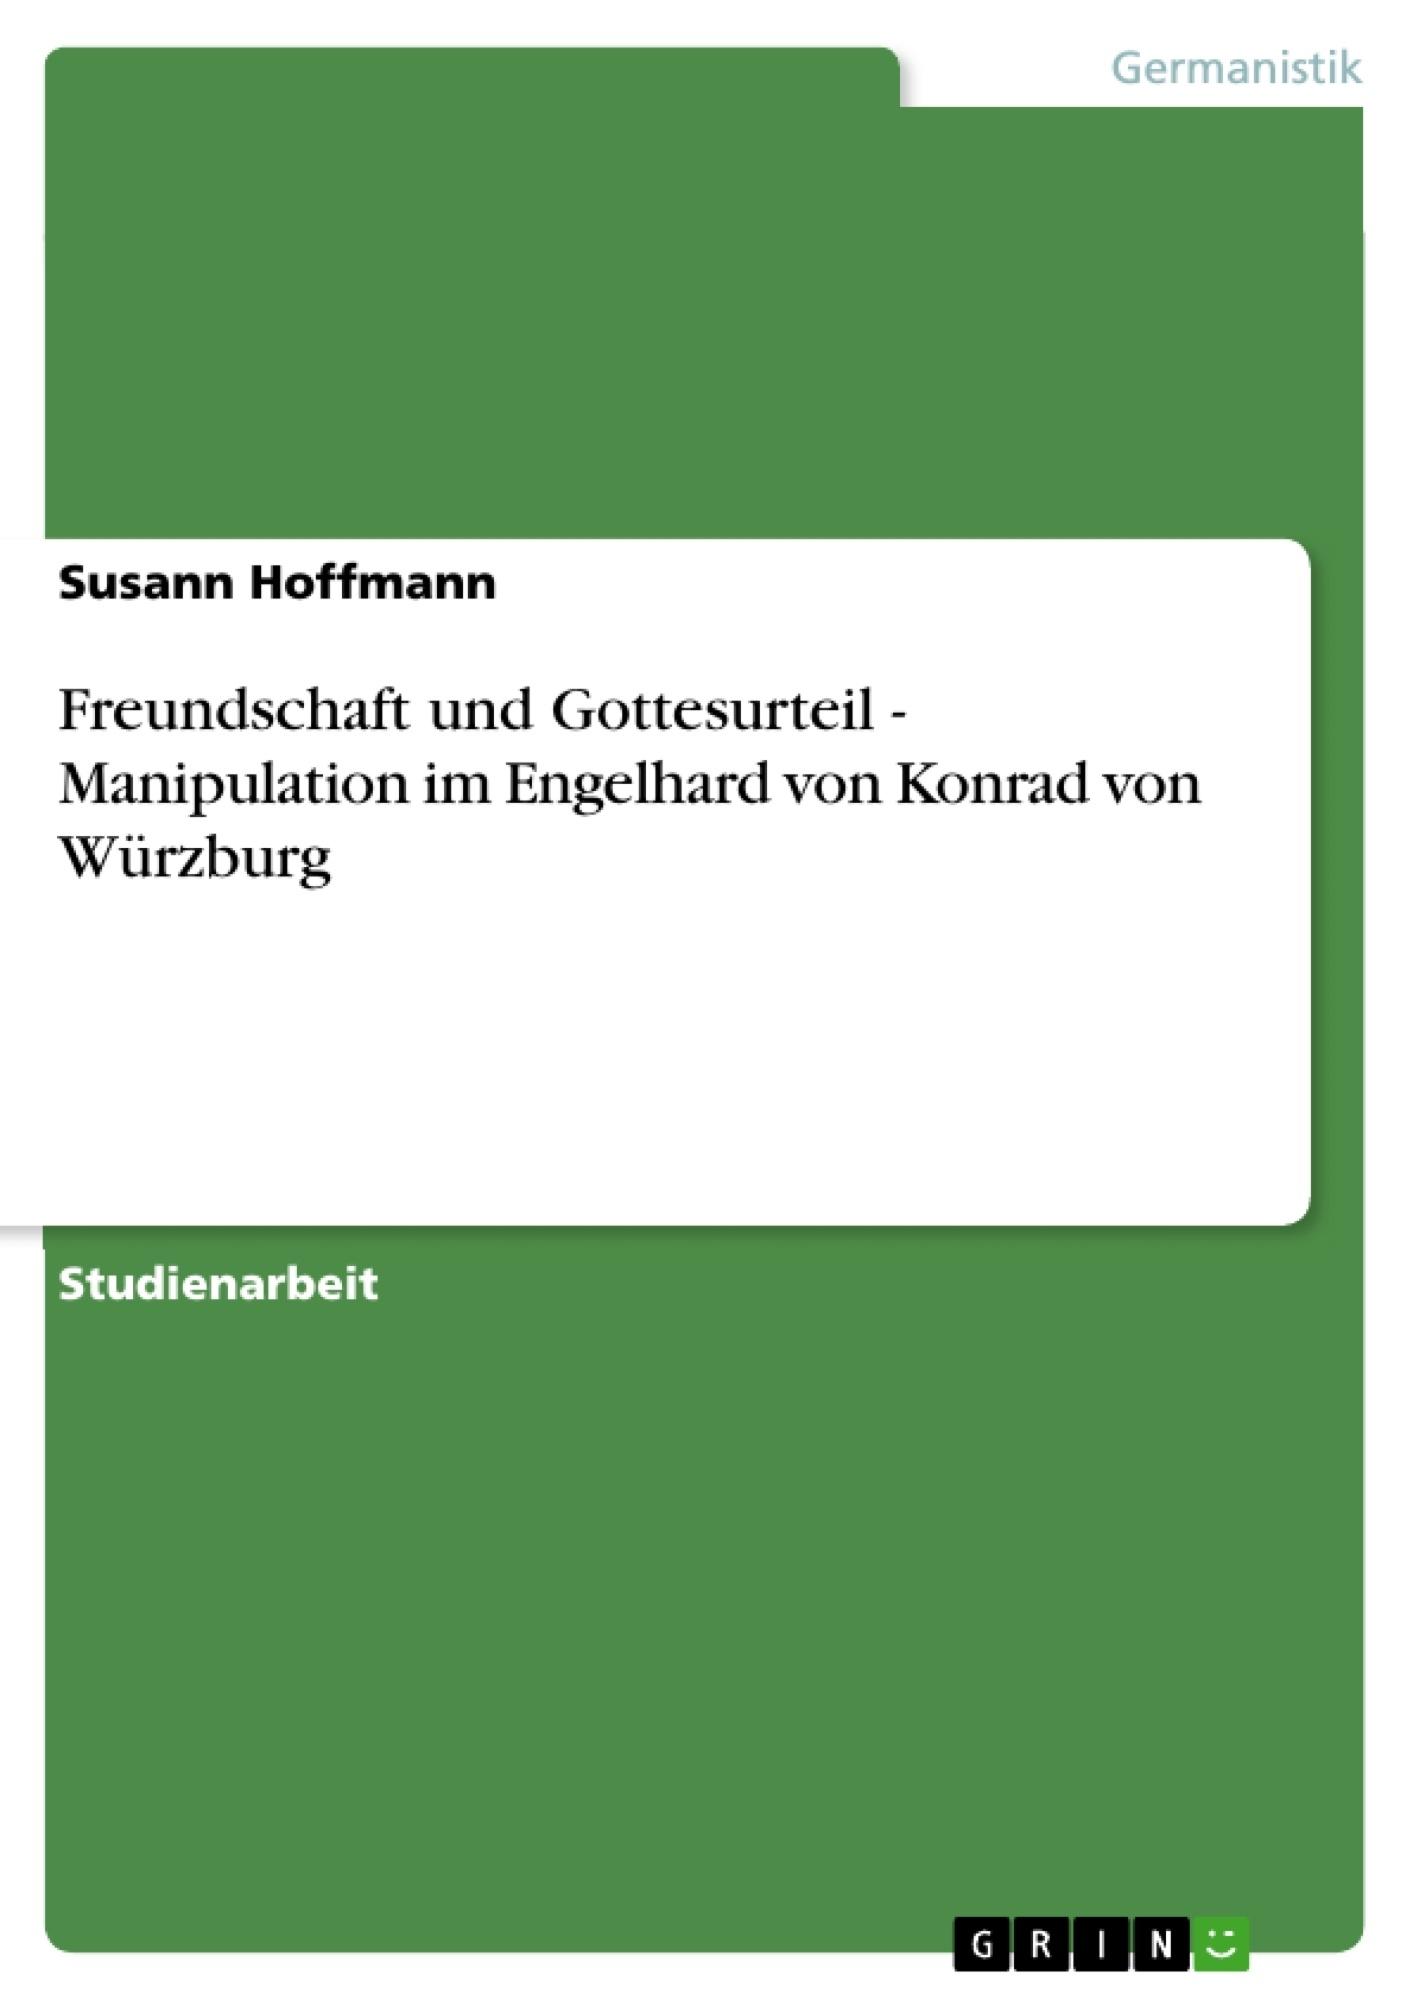 Titel: Freundschaft und Gottesurteil - Manipulation im Engelhard von Konrad von Würzburg